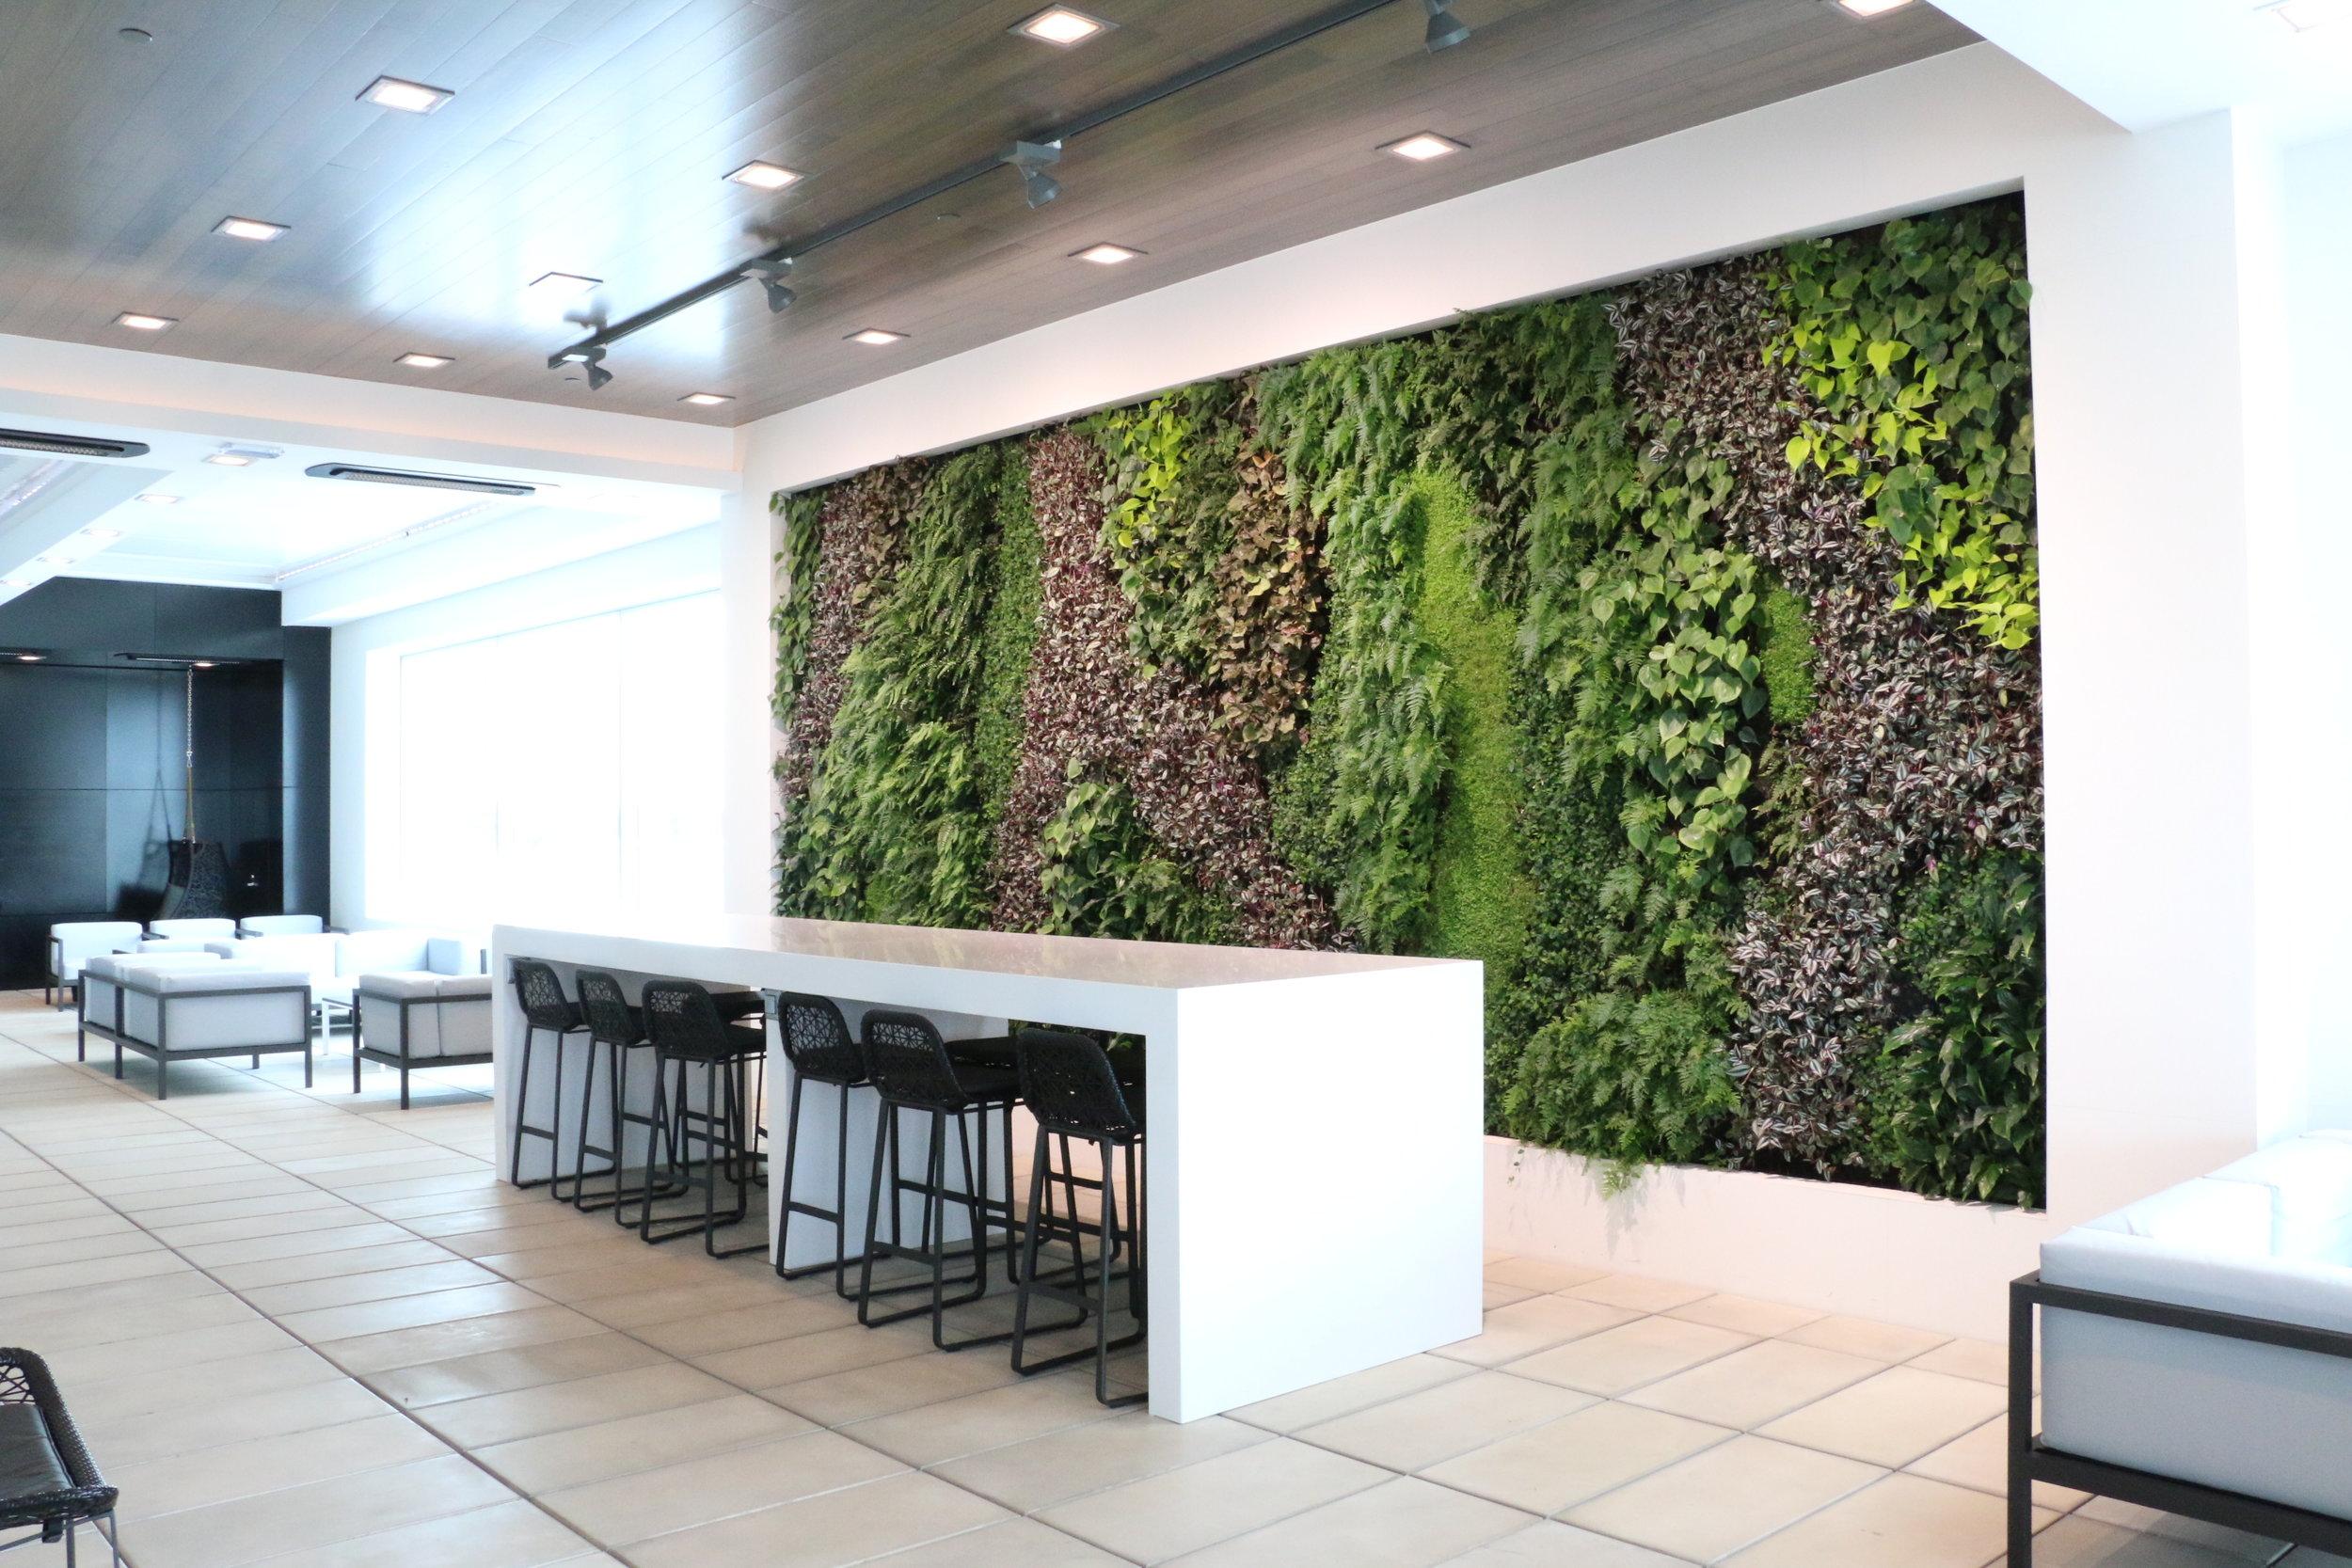 SMINational_Plant_wall_ANZ Koru Lounge_New Zealand.jpg